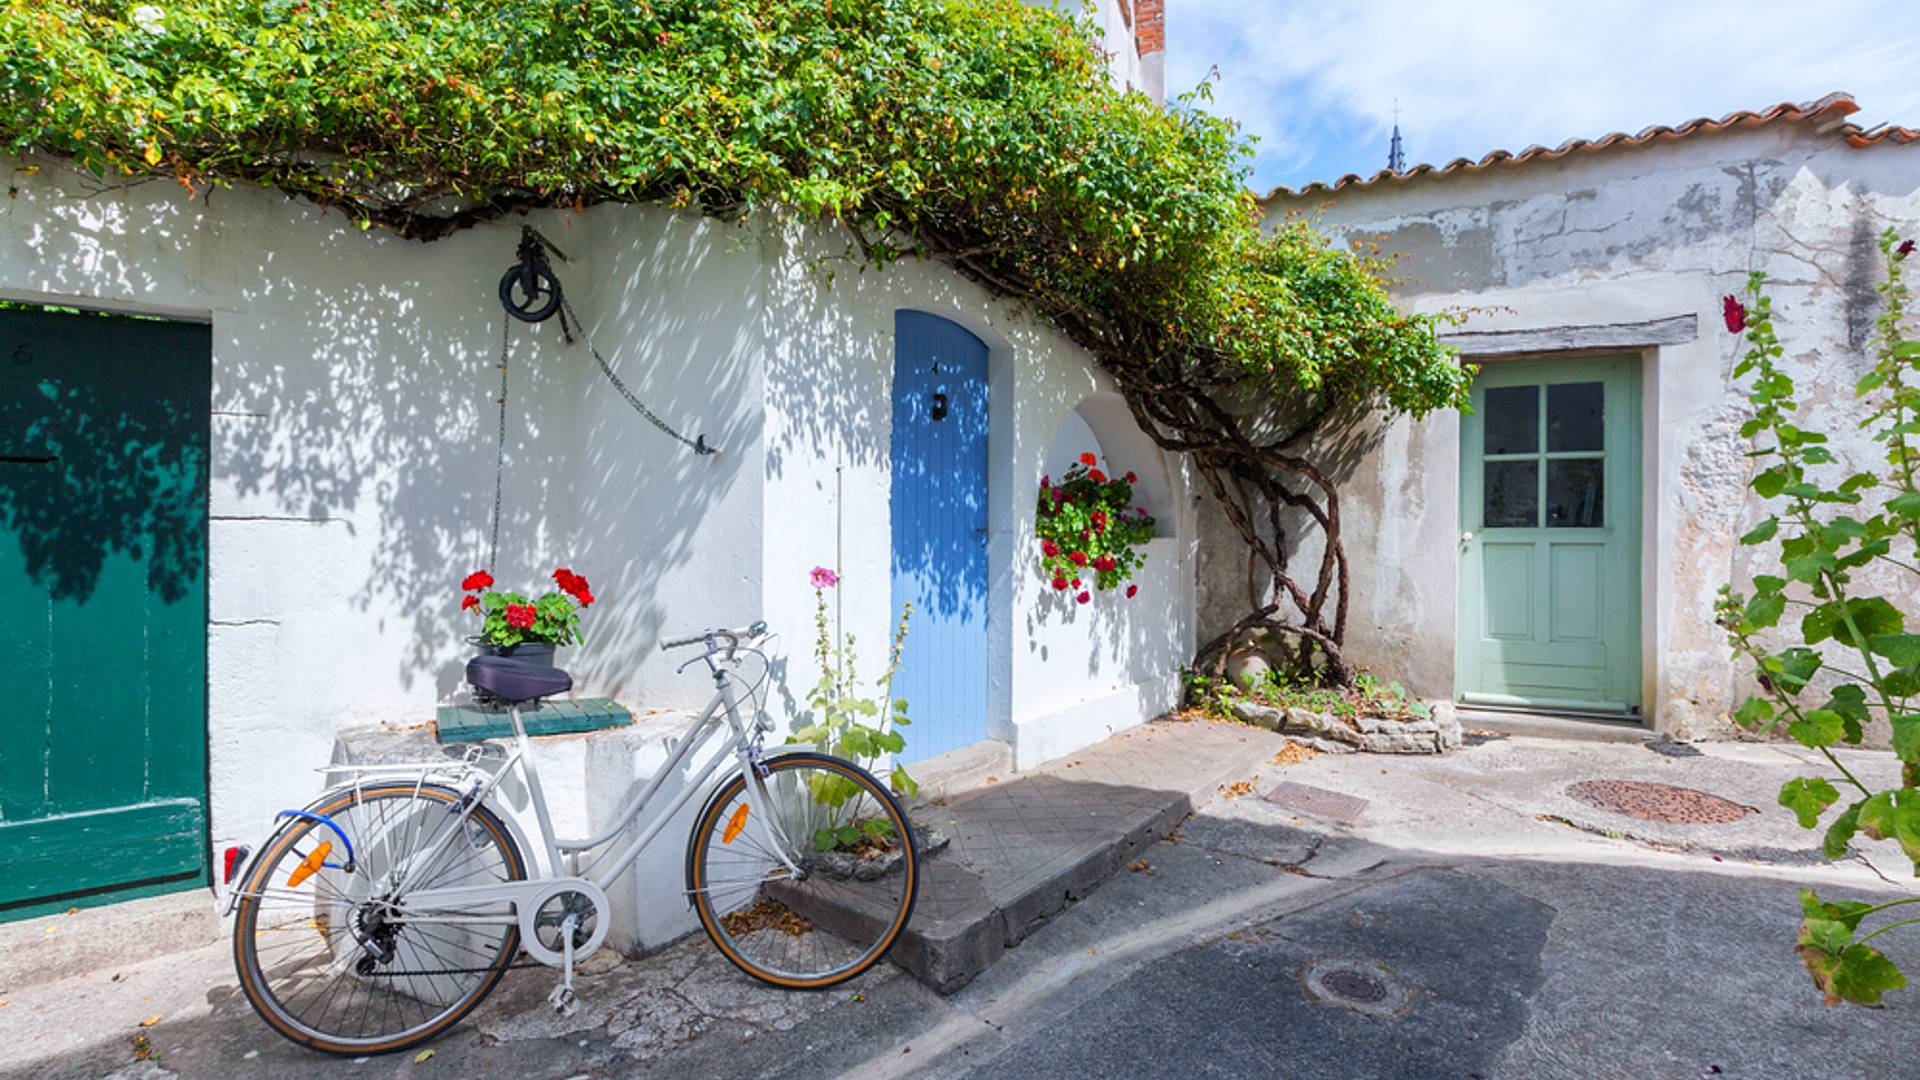 La Vélodyssée de la Rochelle à Royan, en passant par l'Ile de Re, l'Ile d'Oléron et l'Ile Madame